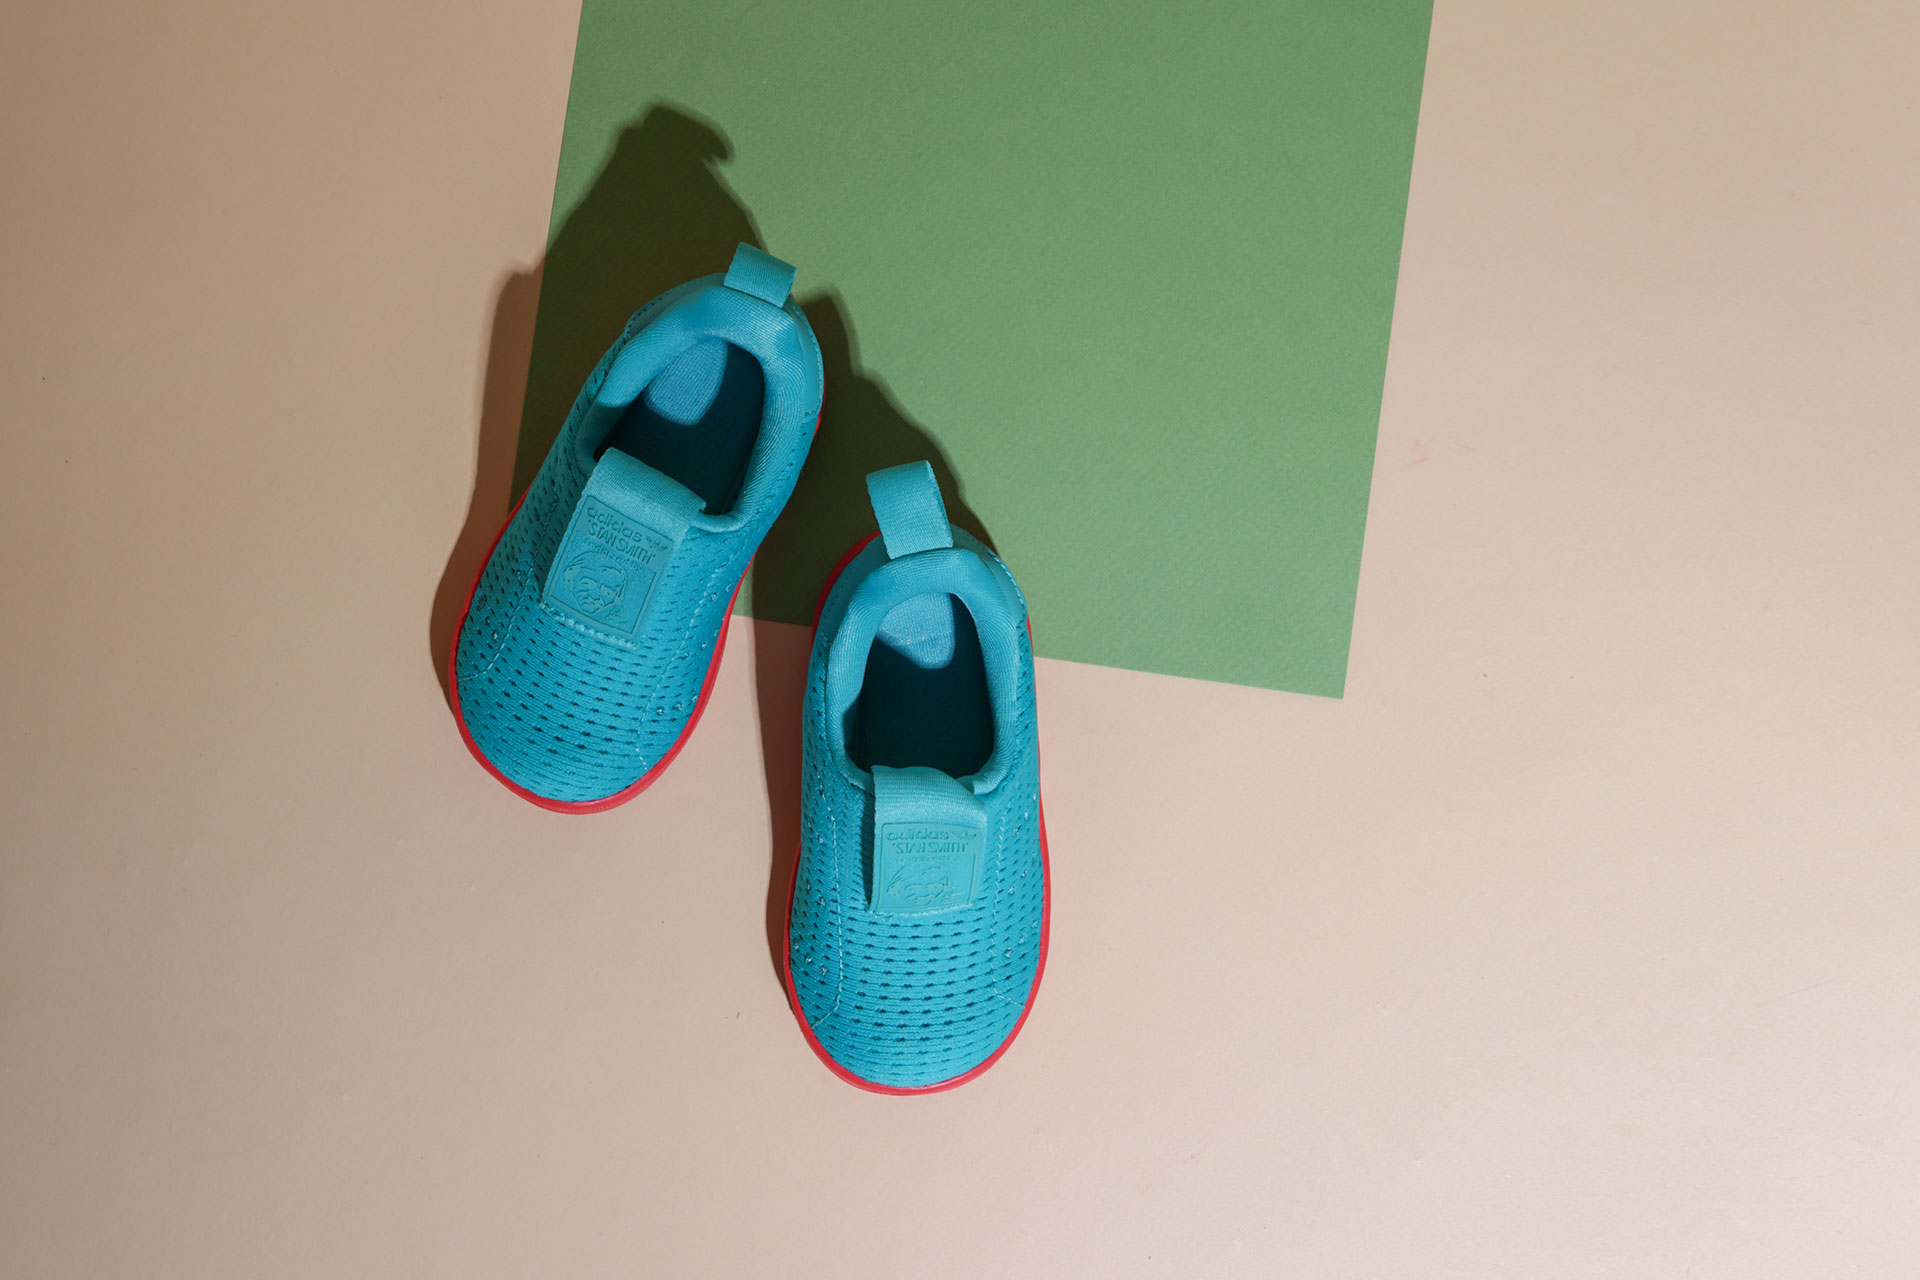 44c738f3 ... Купить детские голуюые кроссовки adidas Originals Stan Smith 360 I -  фото 2 картинки ...